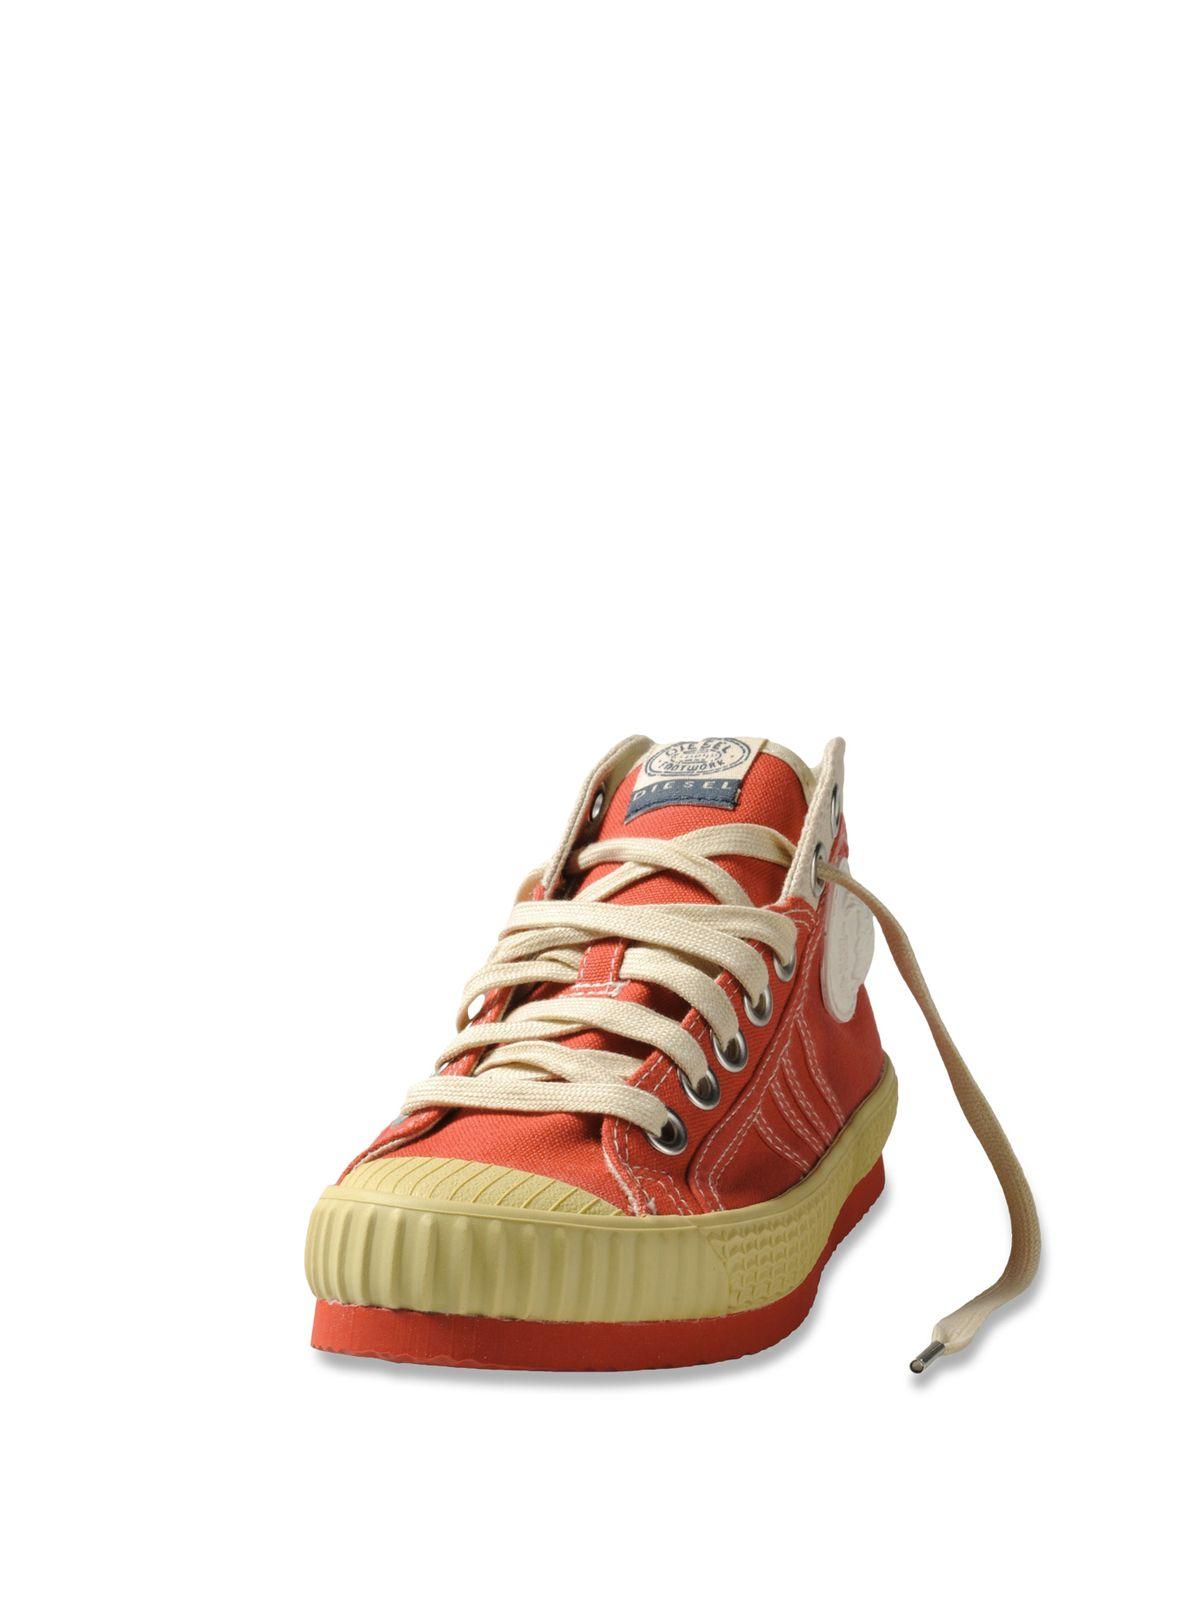 Yuk Shoes Size